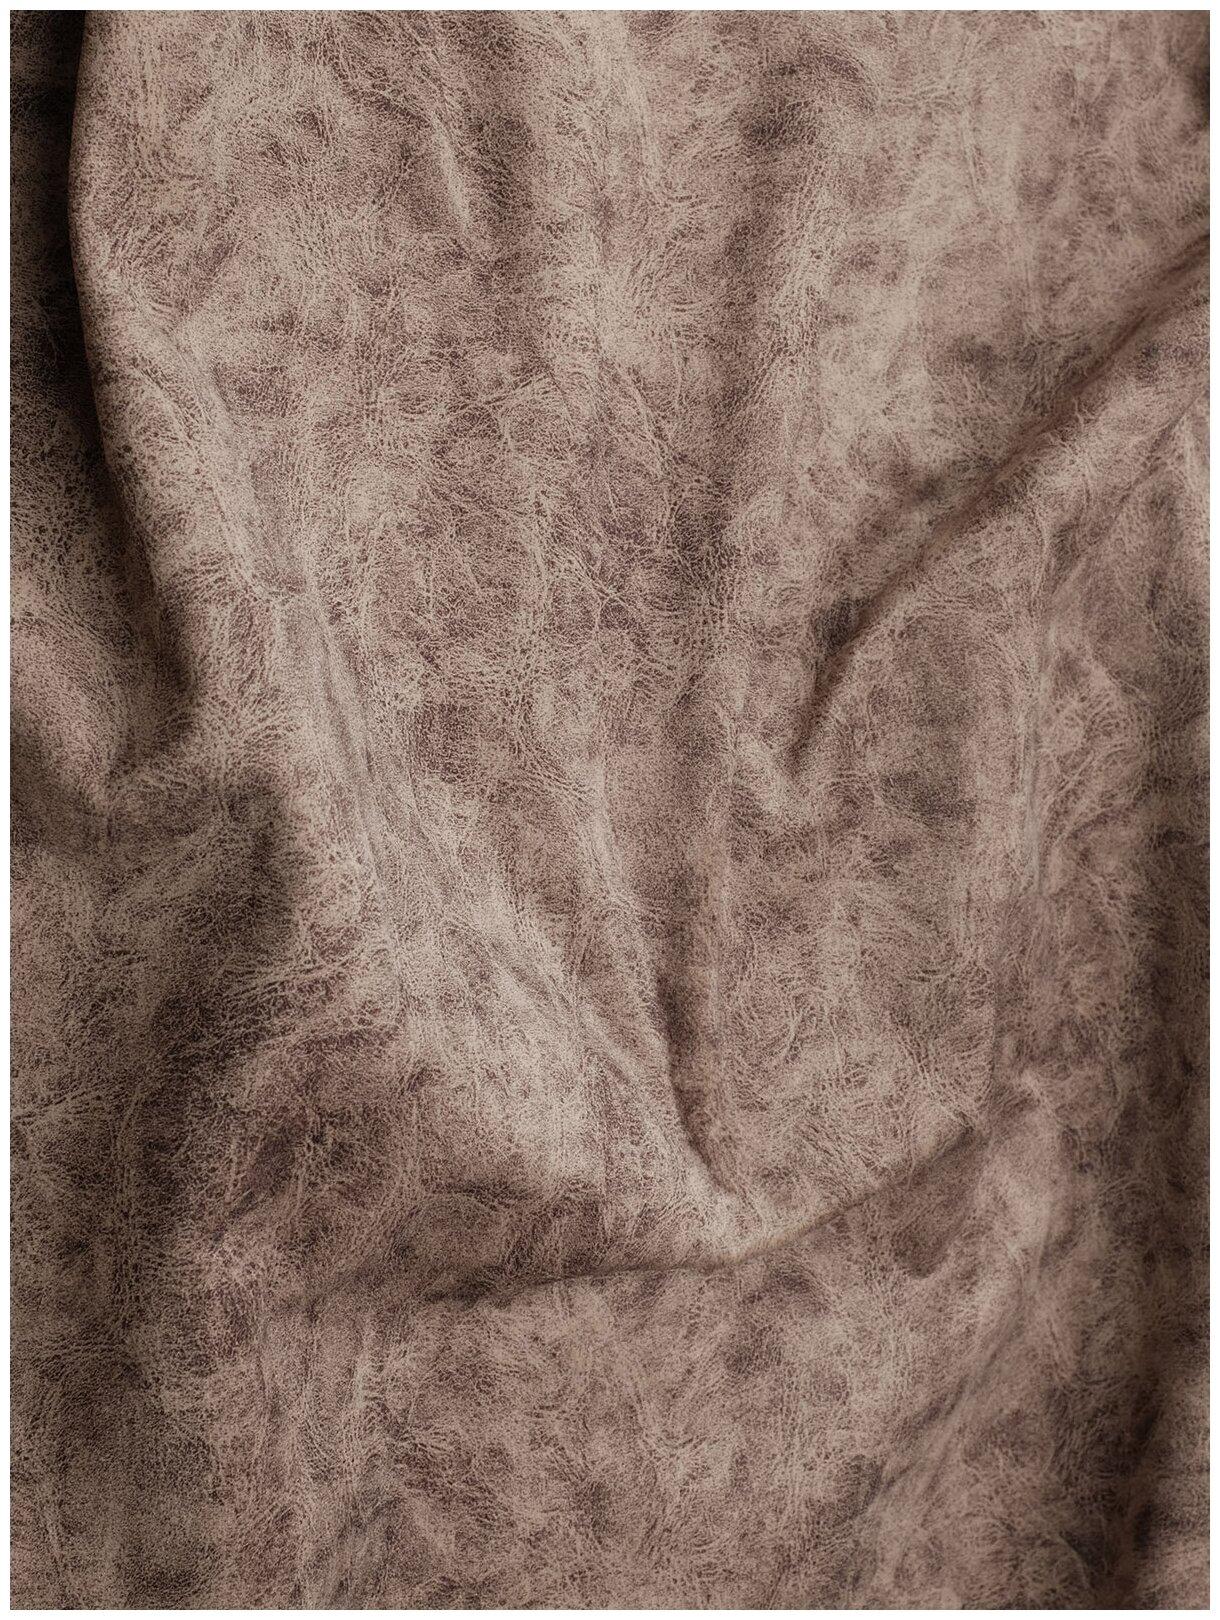 Ткань мебельная (микрофибра) VINTAGE 140х100см, цвет коричневый — купить по выгодной цене на Яндекс.Маркете